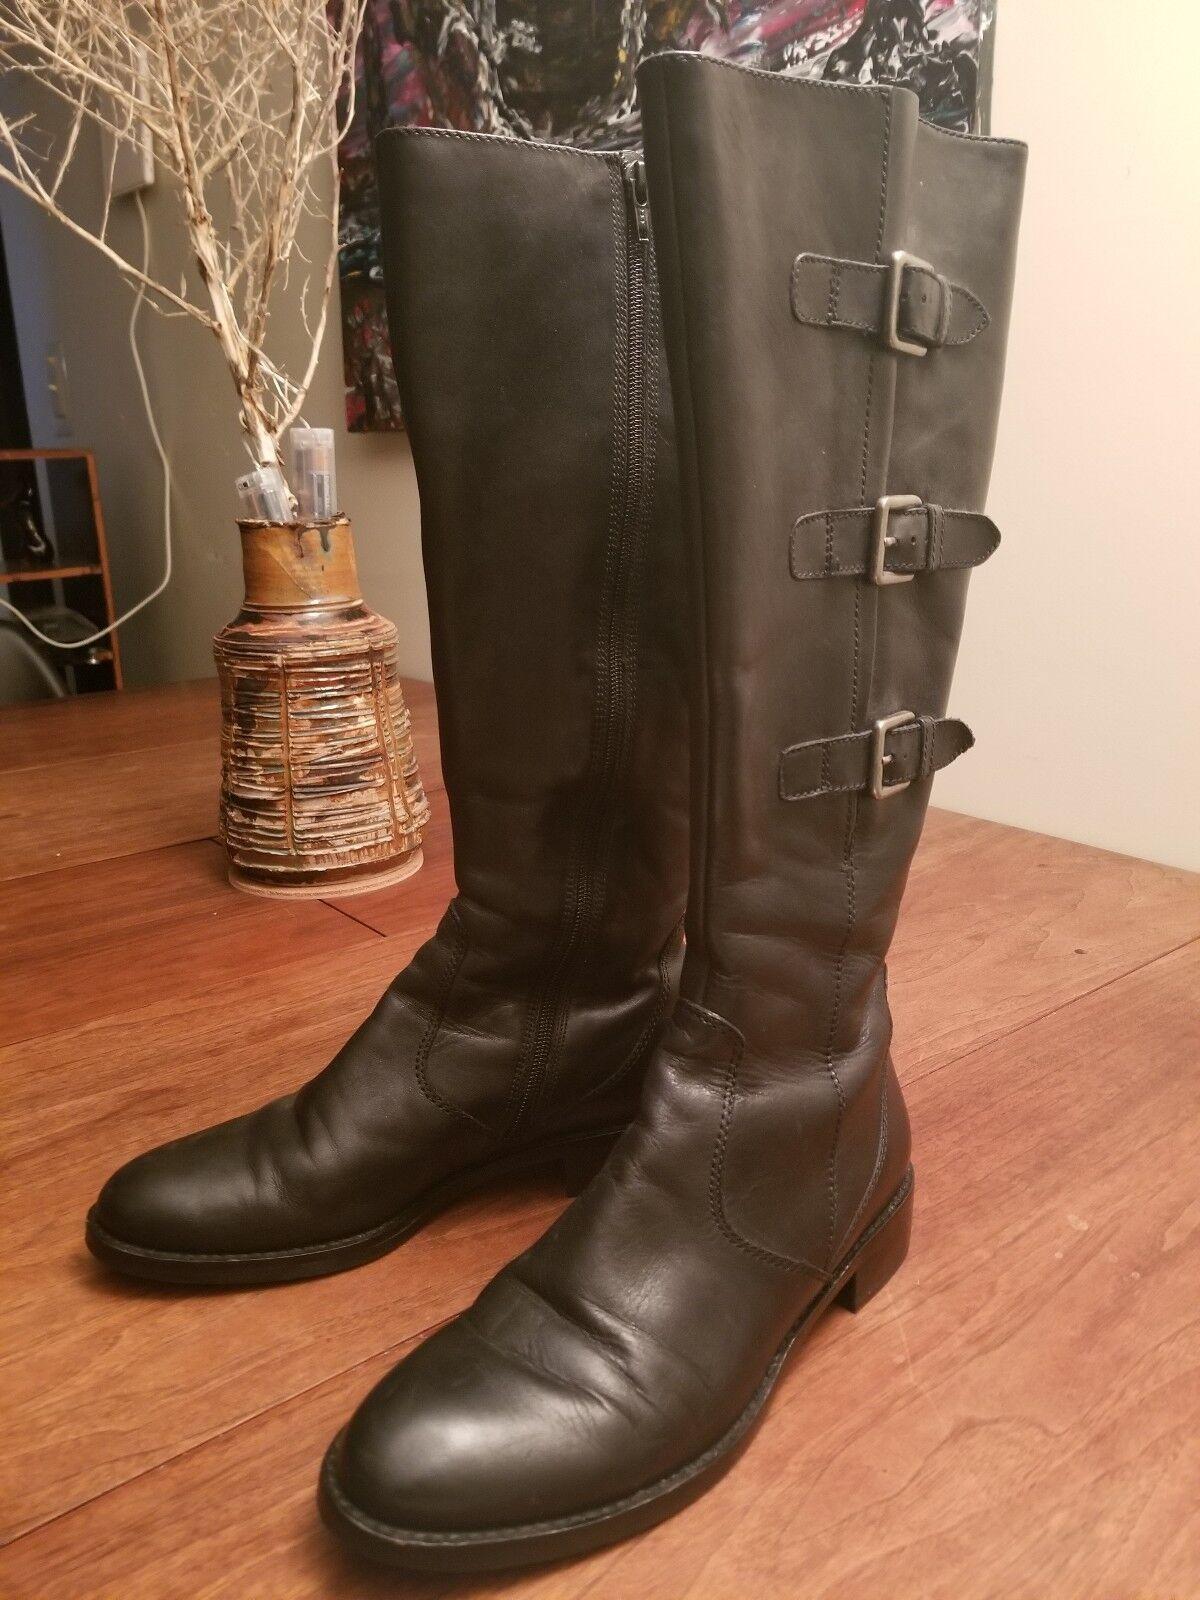 Ecco Hobart Mujer de cuero negro con hebilla de Cremallera Rodilla Alto botas De Montar 8-8.5 EU de EE. UU. 39